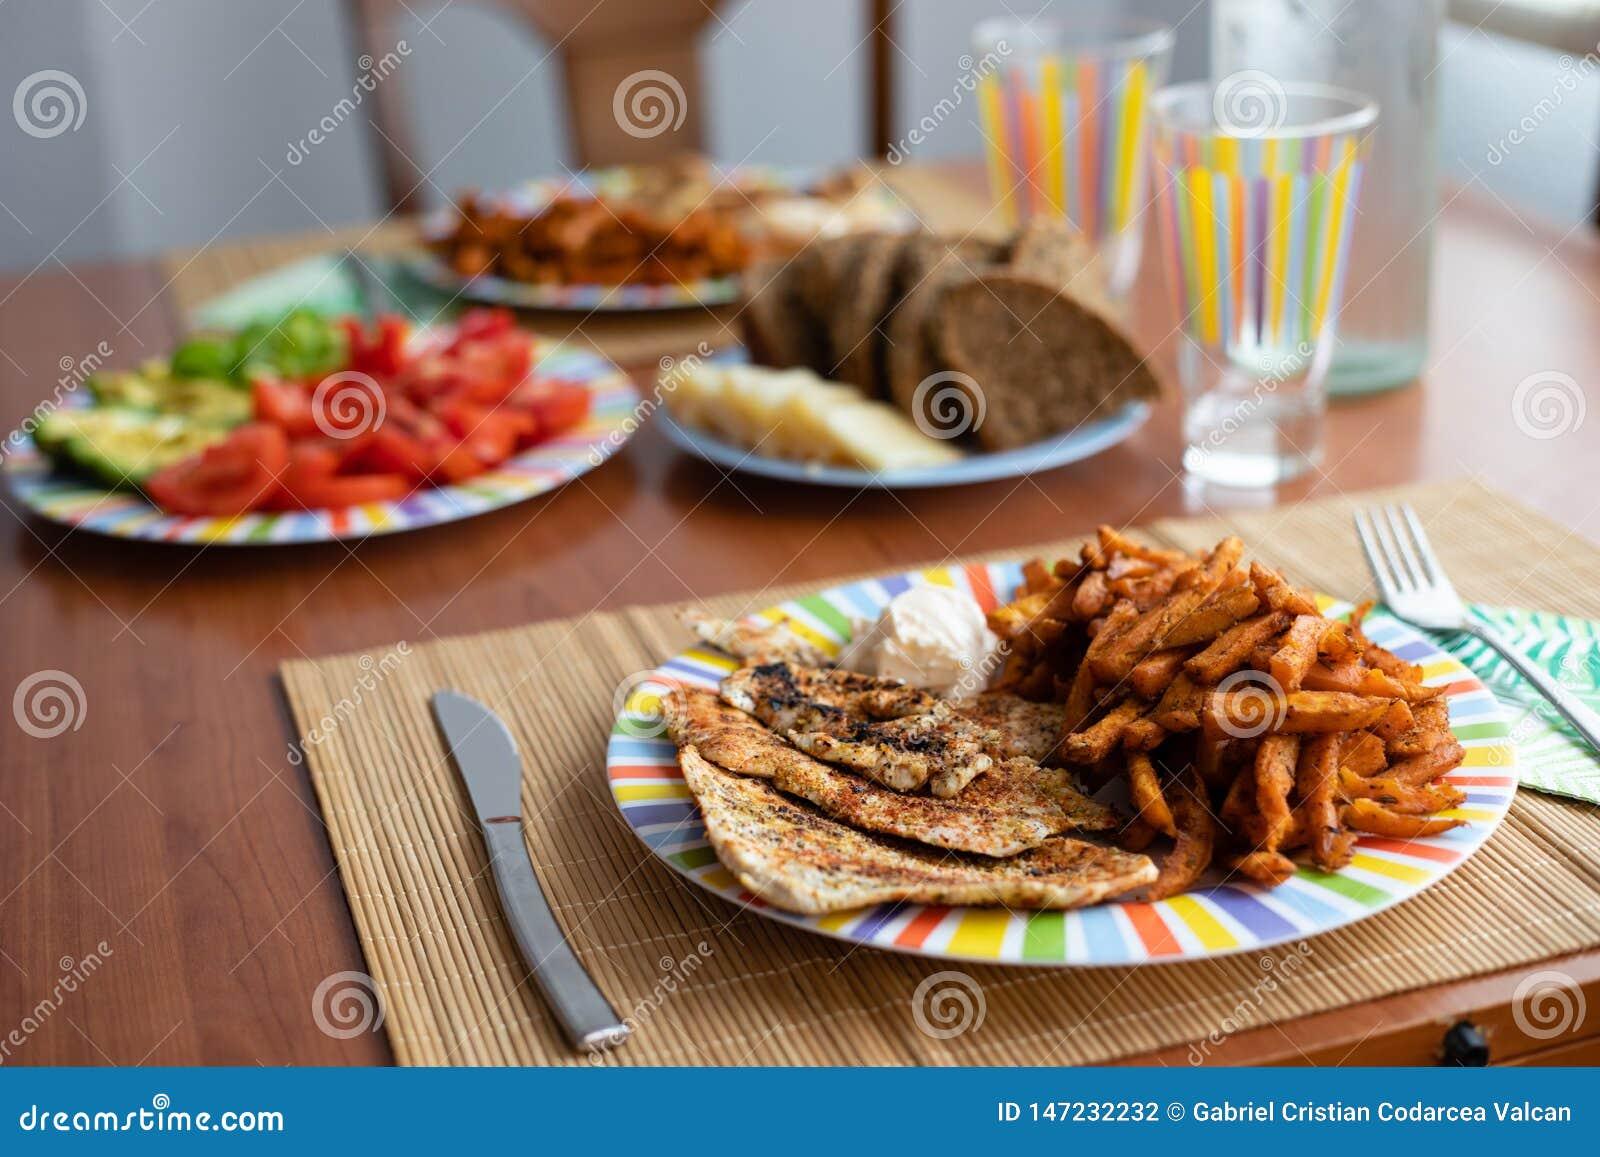 Πίνακας γευμάτων με το πιάτο σαλάτας, το κοτόπουλο, τις γλυκές πατάτες, το ψωμί και το ζωηρόχρωμο γυαλί νερού